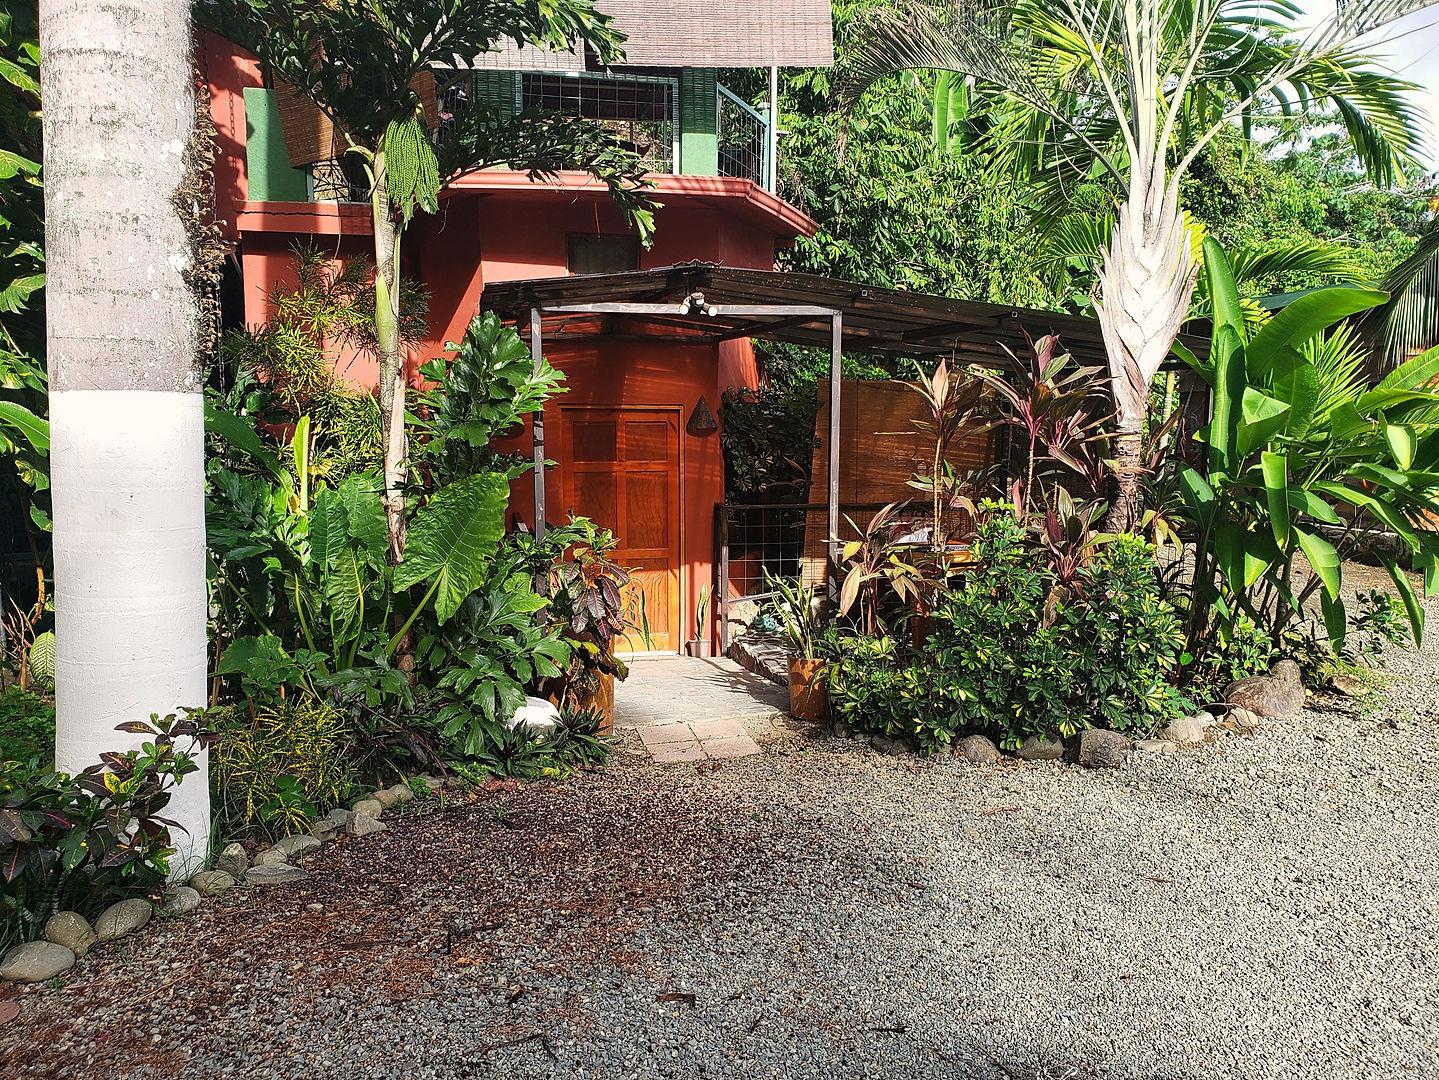 Garden View Suite, Suite Room, Hotel Las Cascadas The Falls, Condotel Las Cascadas, Quepos, Manuel Antonio, Costa Rica.